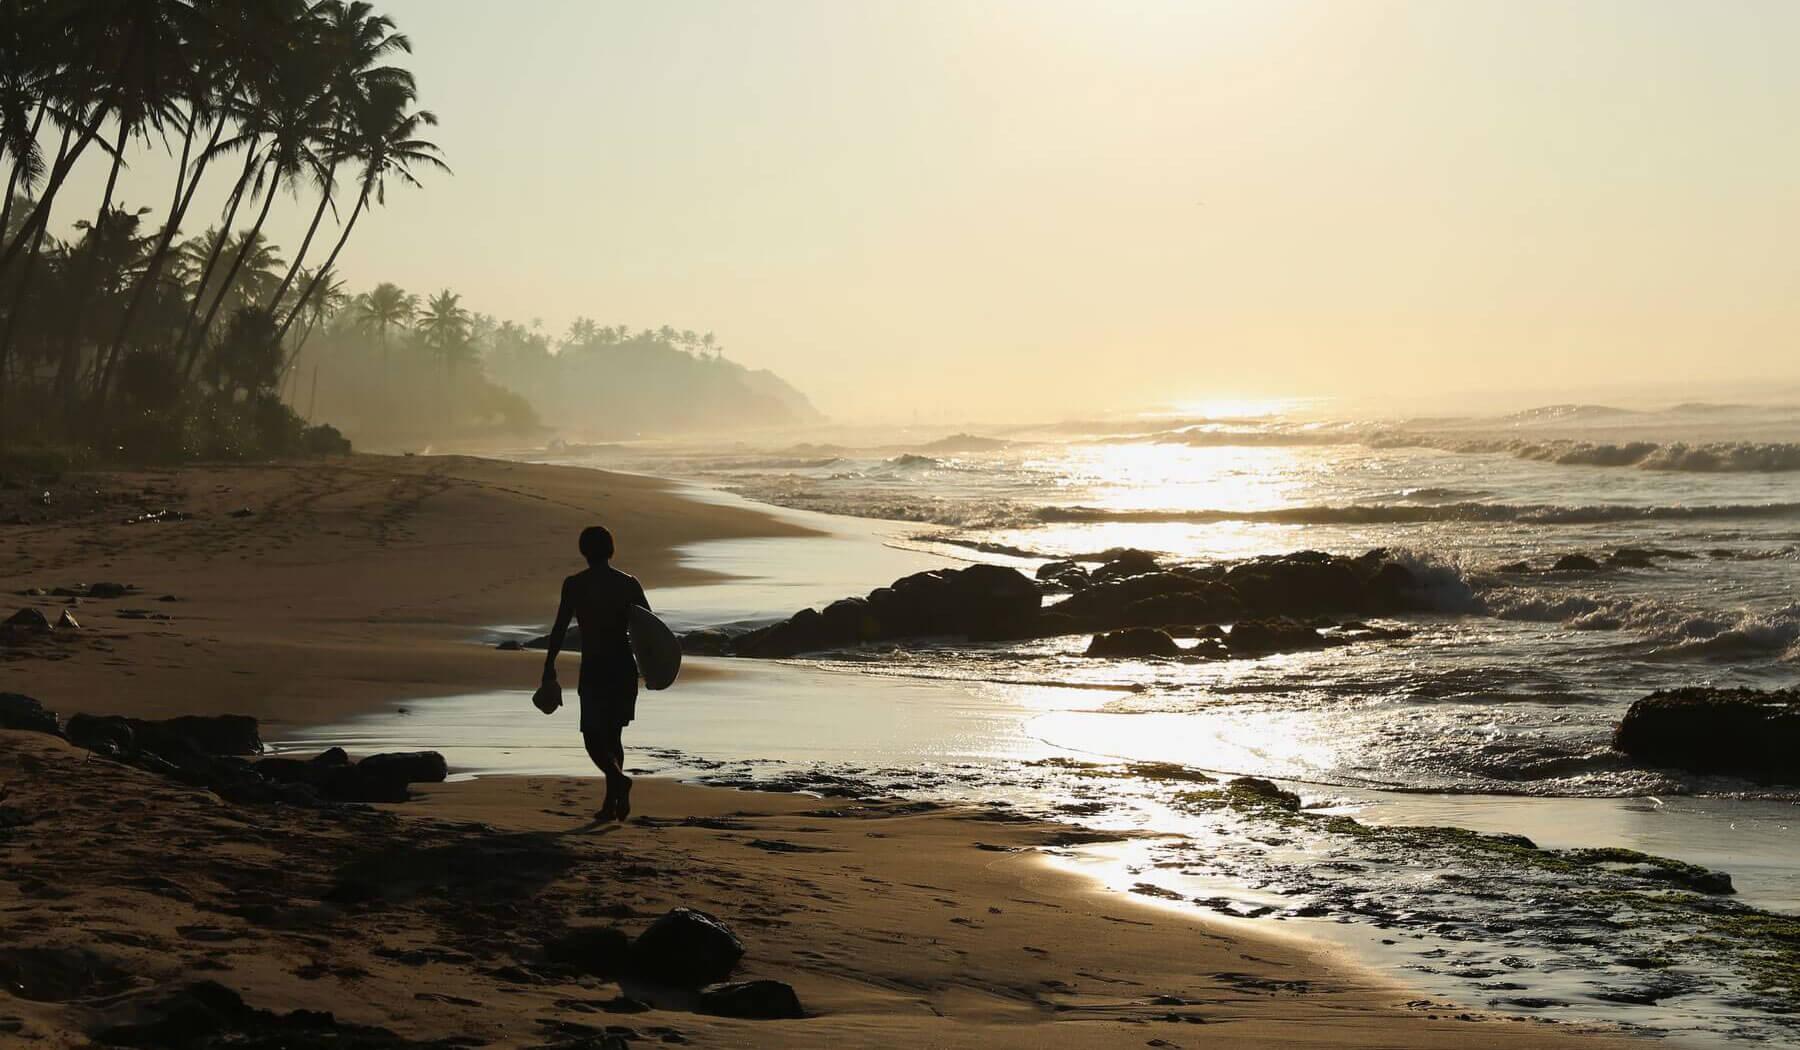 costa rica private beach surf